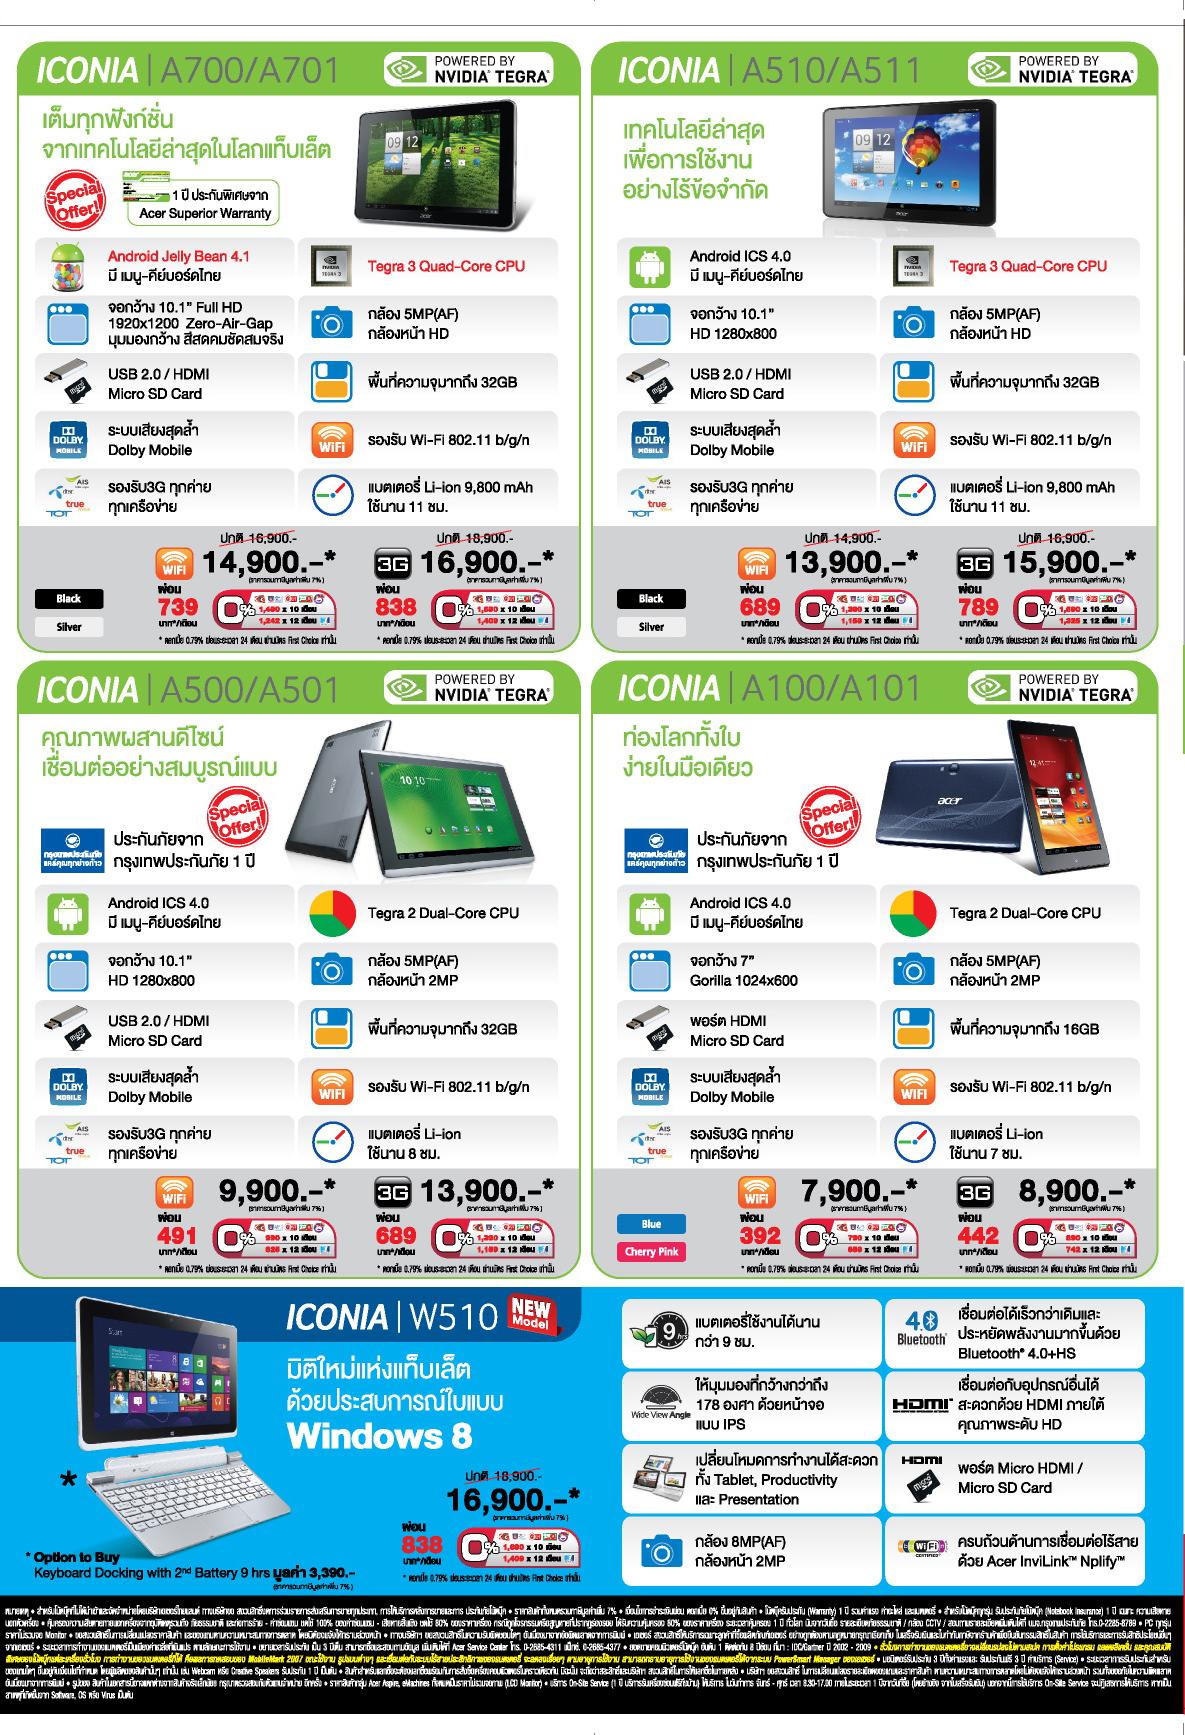 Commart Nov 2012 OS a6